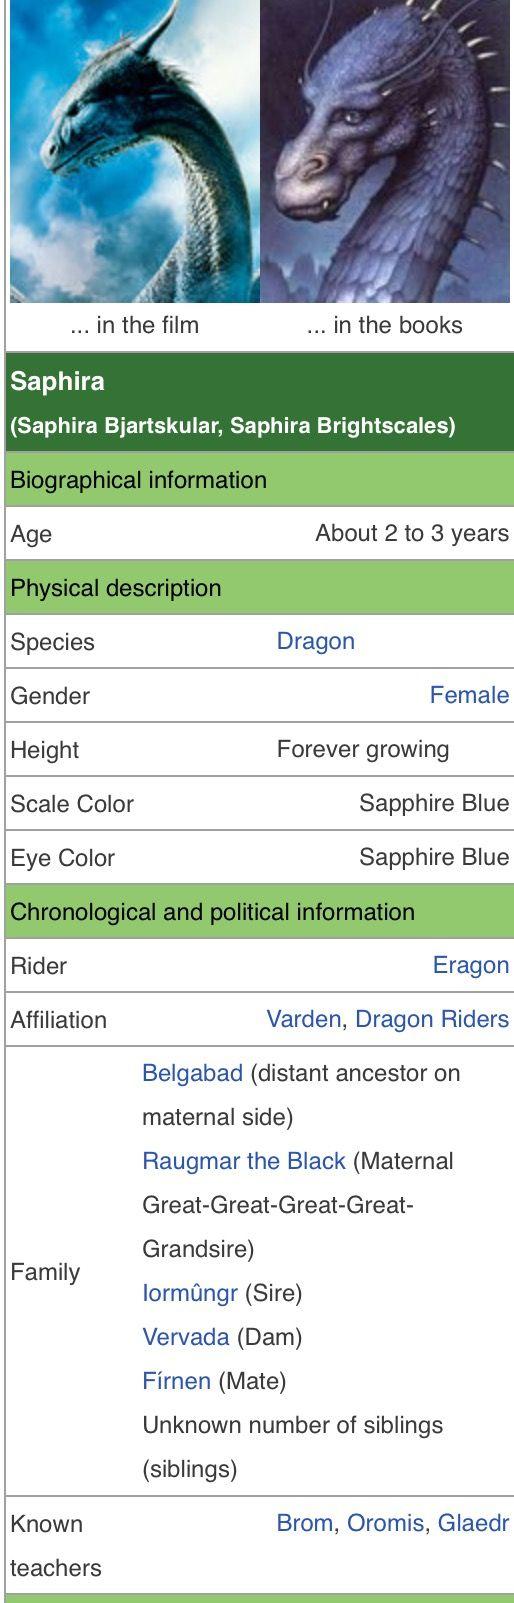 Saphira info